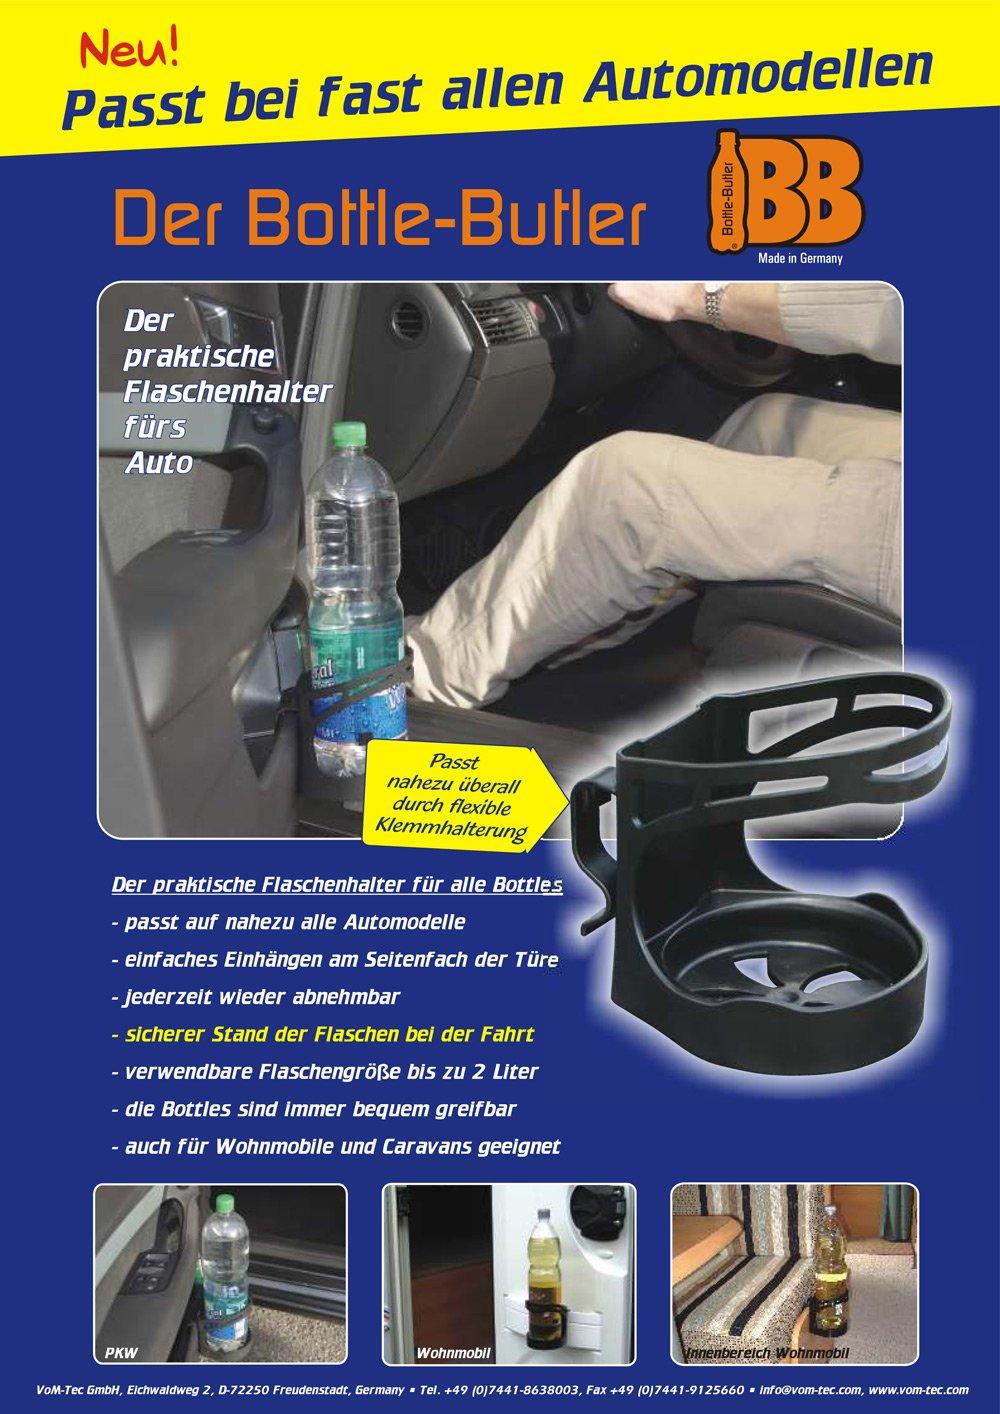 Vom-Tec GmbH Porte-gobelet 2ltr Butler Porte-Bouteille pour Voiture Bateau Caravane